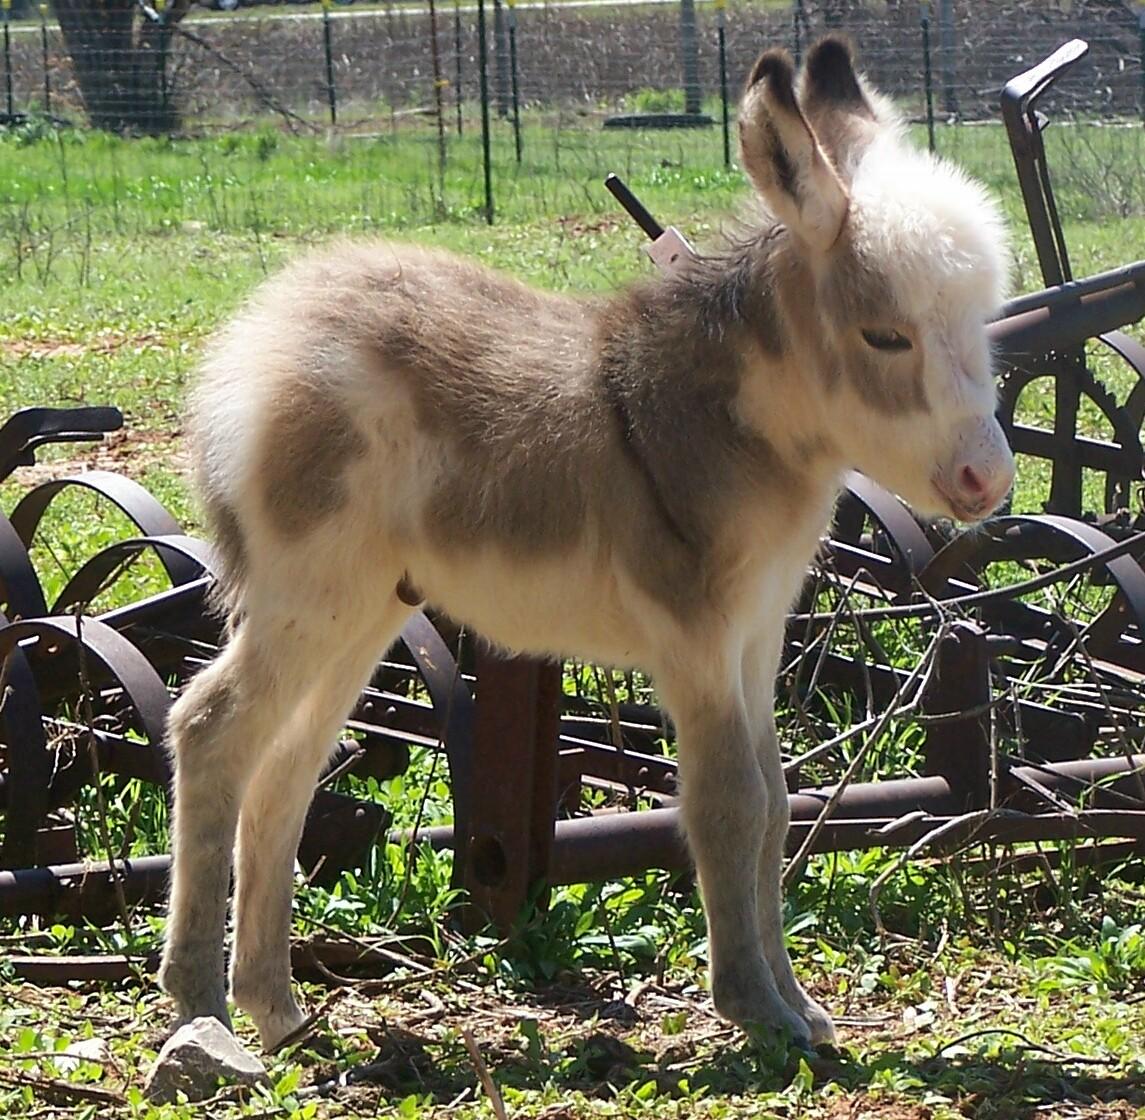 http://3.bp.blogspot.com/-tYfo9eeBf3A/TnX443ECjOI/AAAAAAAADcw/_qC4PmwienM/s1600/Picture_7244-Baby_Donkey_4-02-2007.jpg